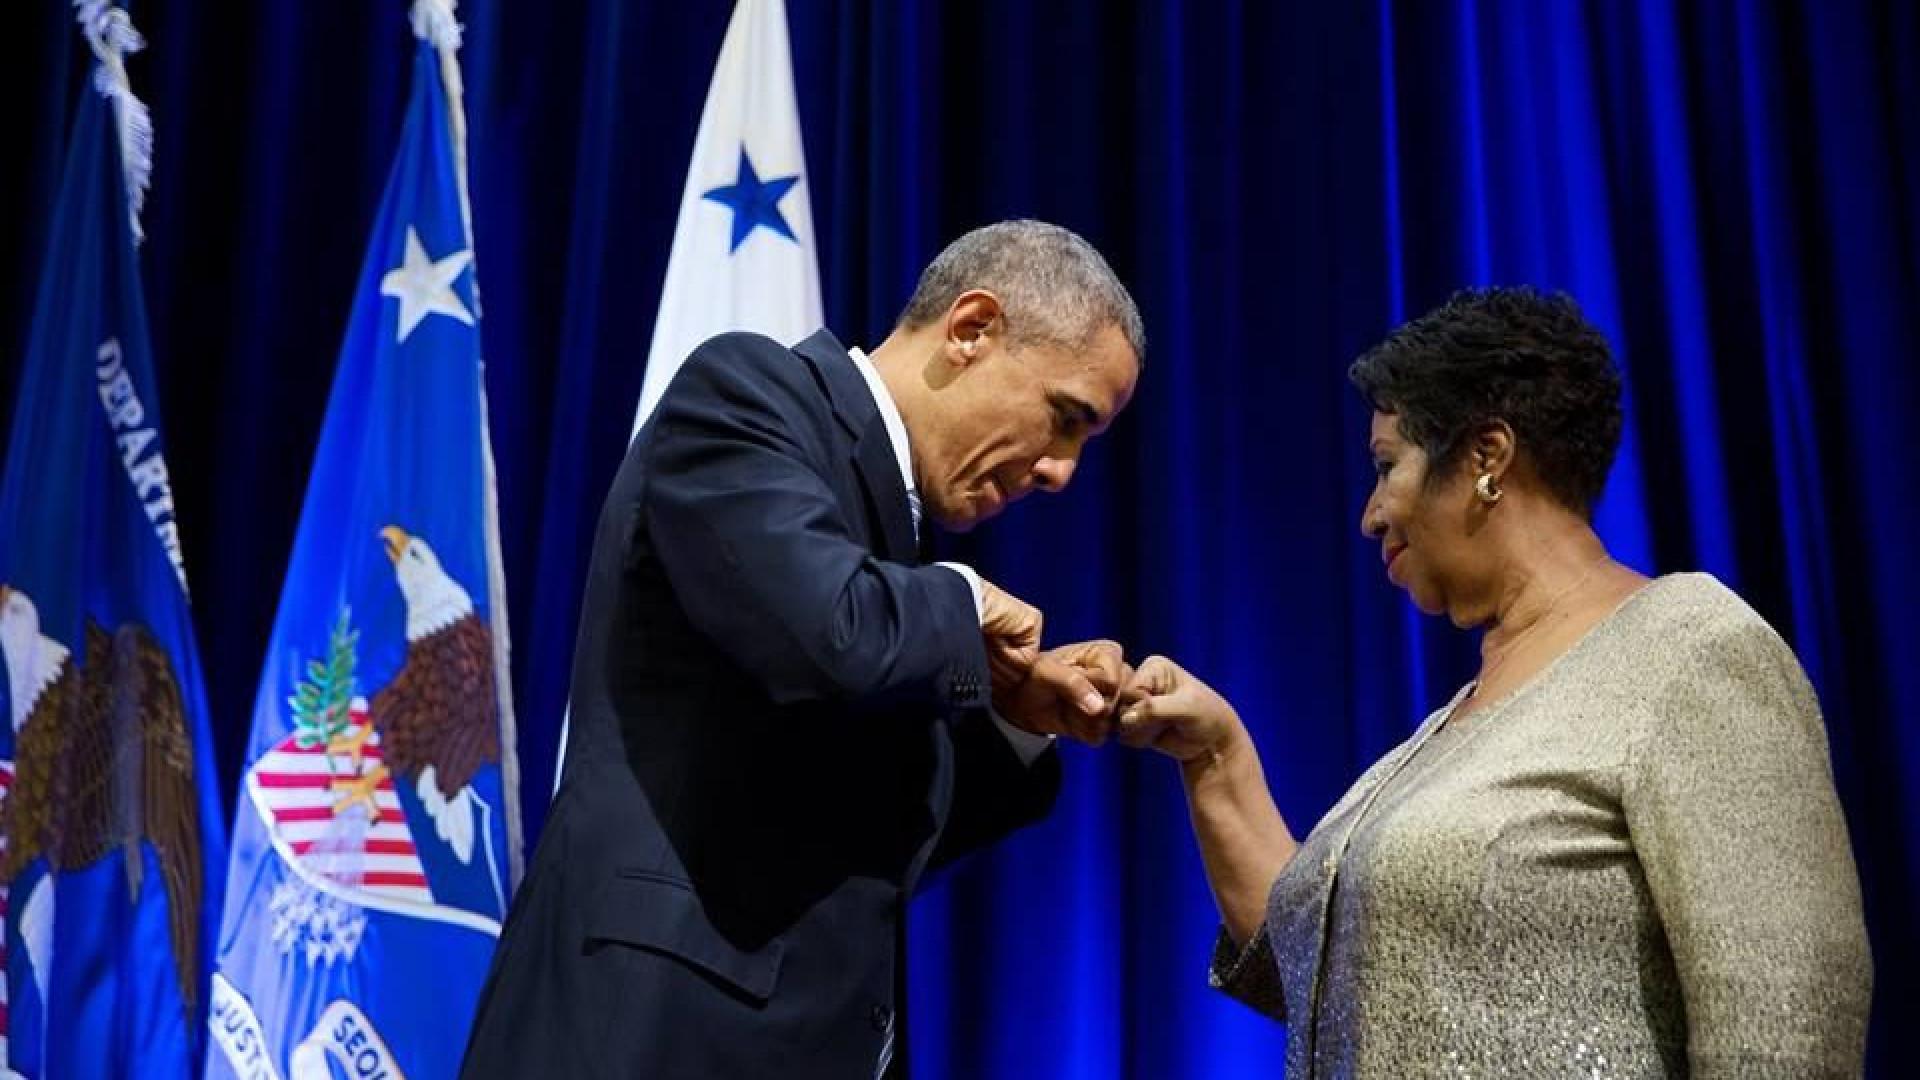 """""""Um vislumbre do divino"""". Barack Obama reage à morte de Aretha Franklin"""